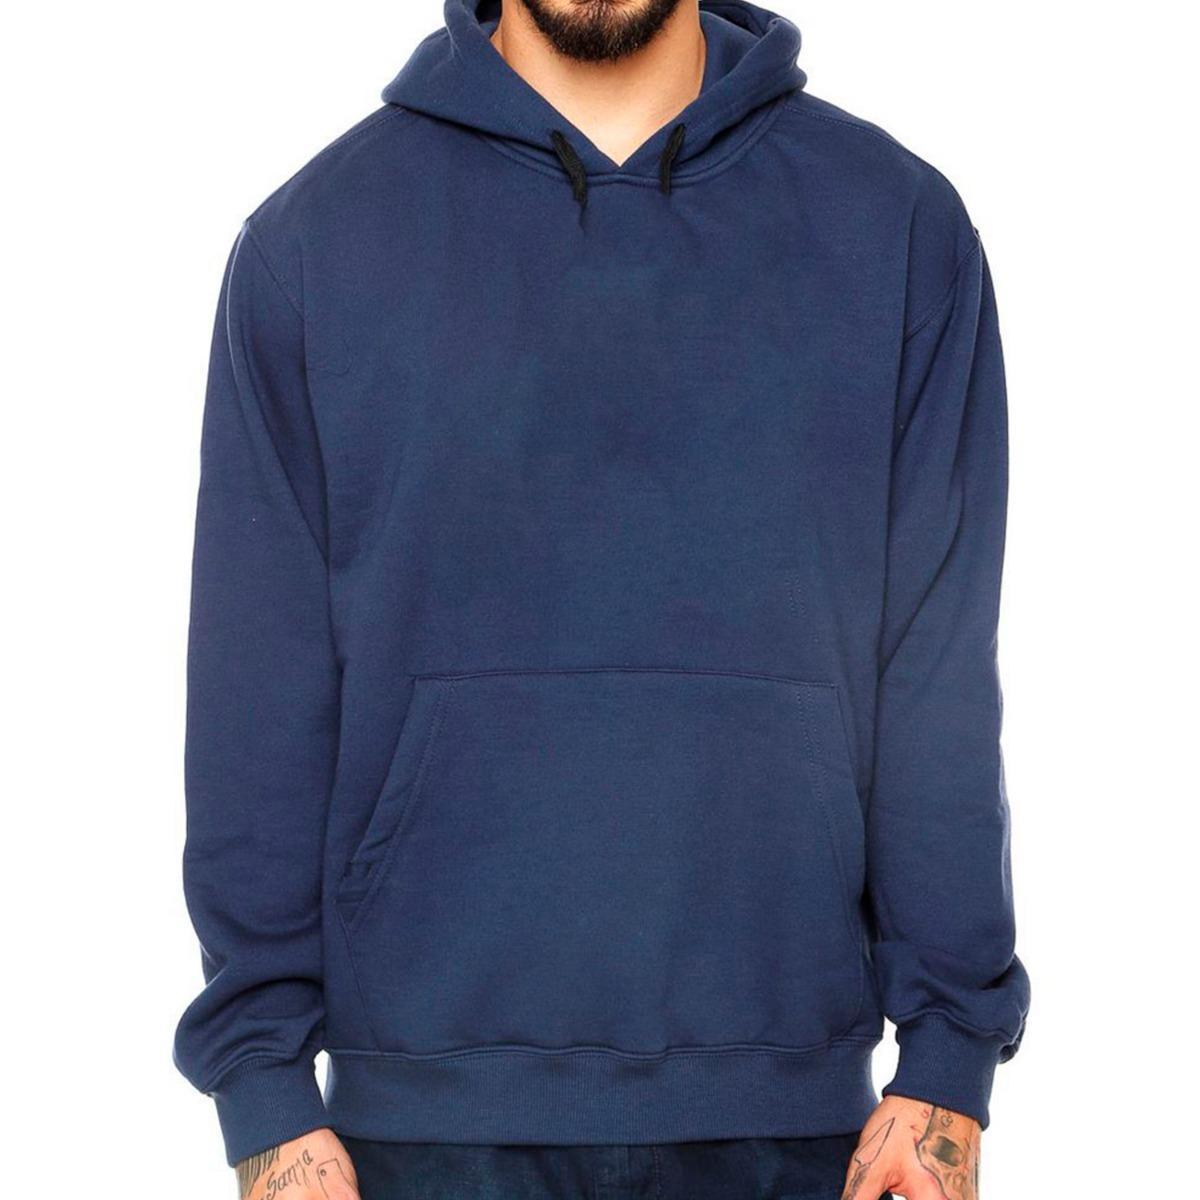 b90c947b68 blusa moleton unissex liso varias cores promoção casaco. Carregando zoom.